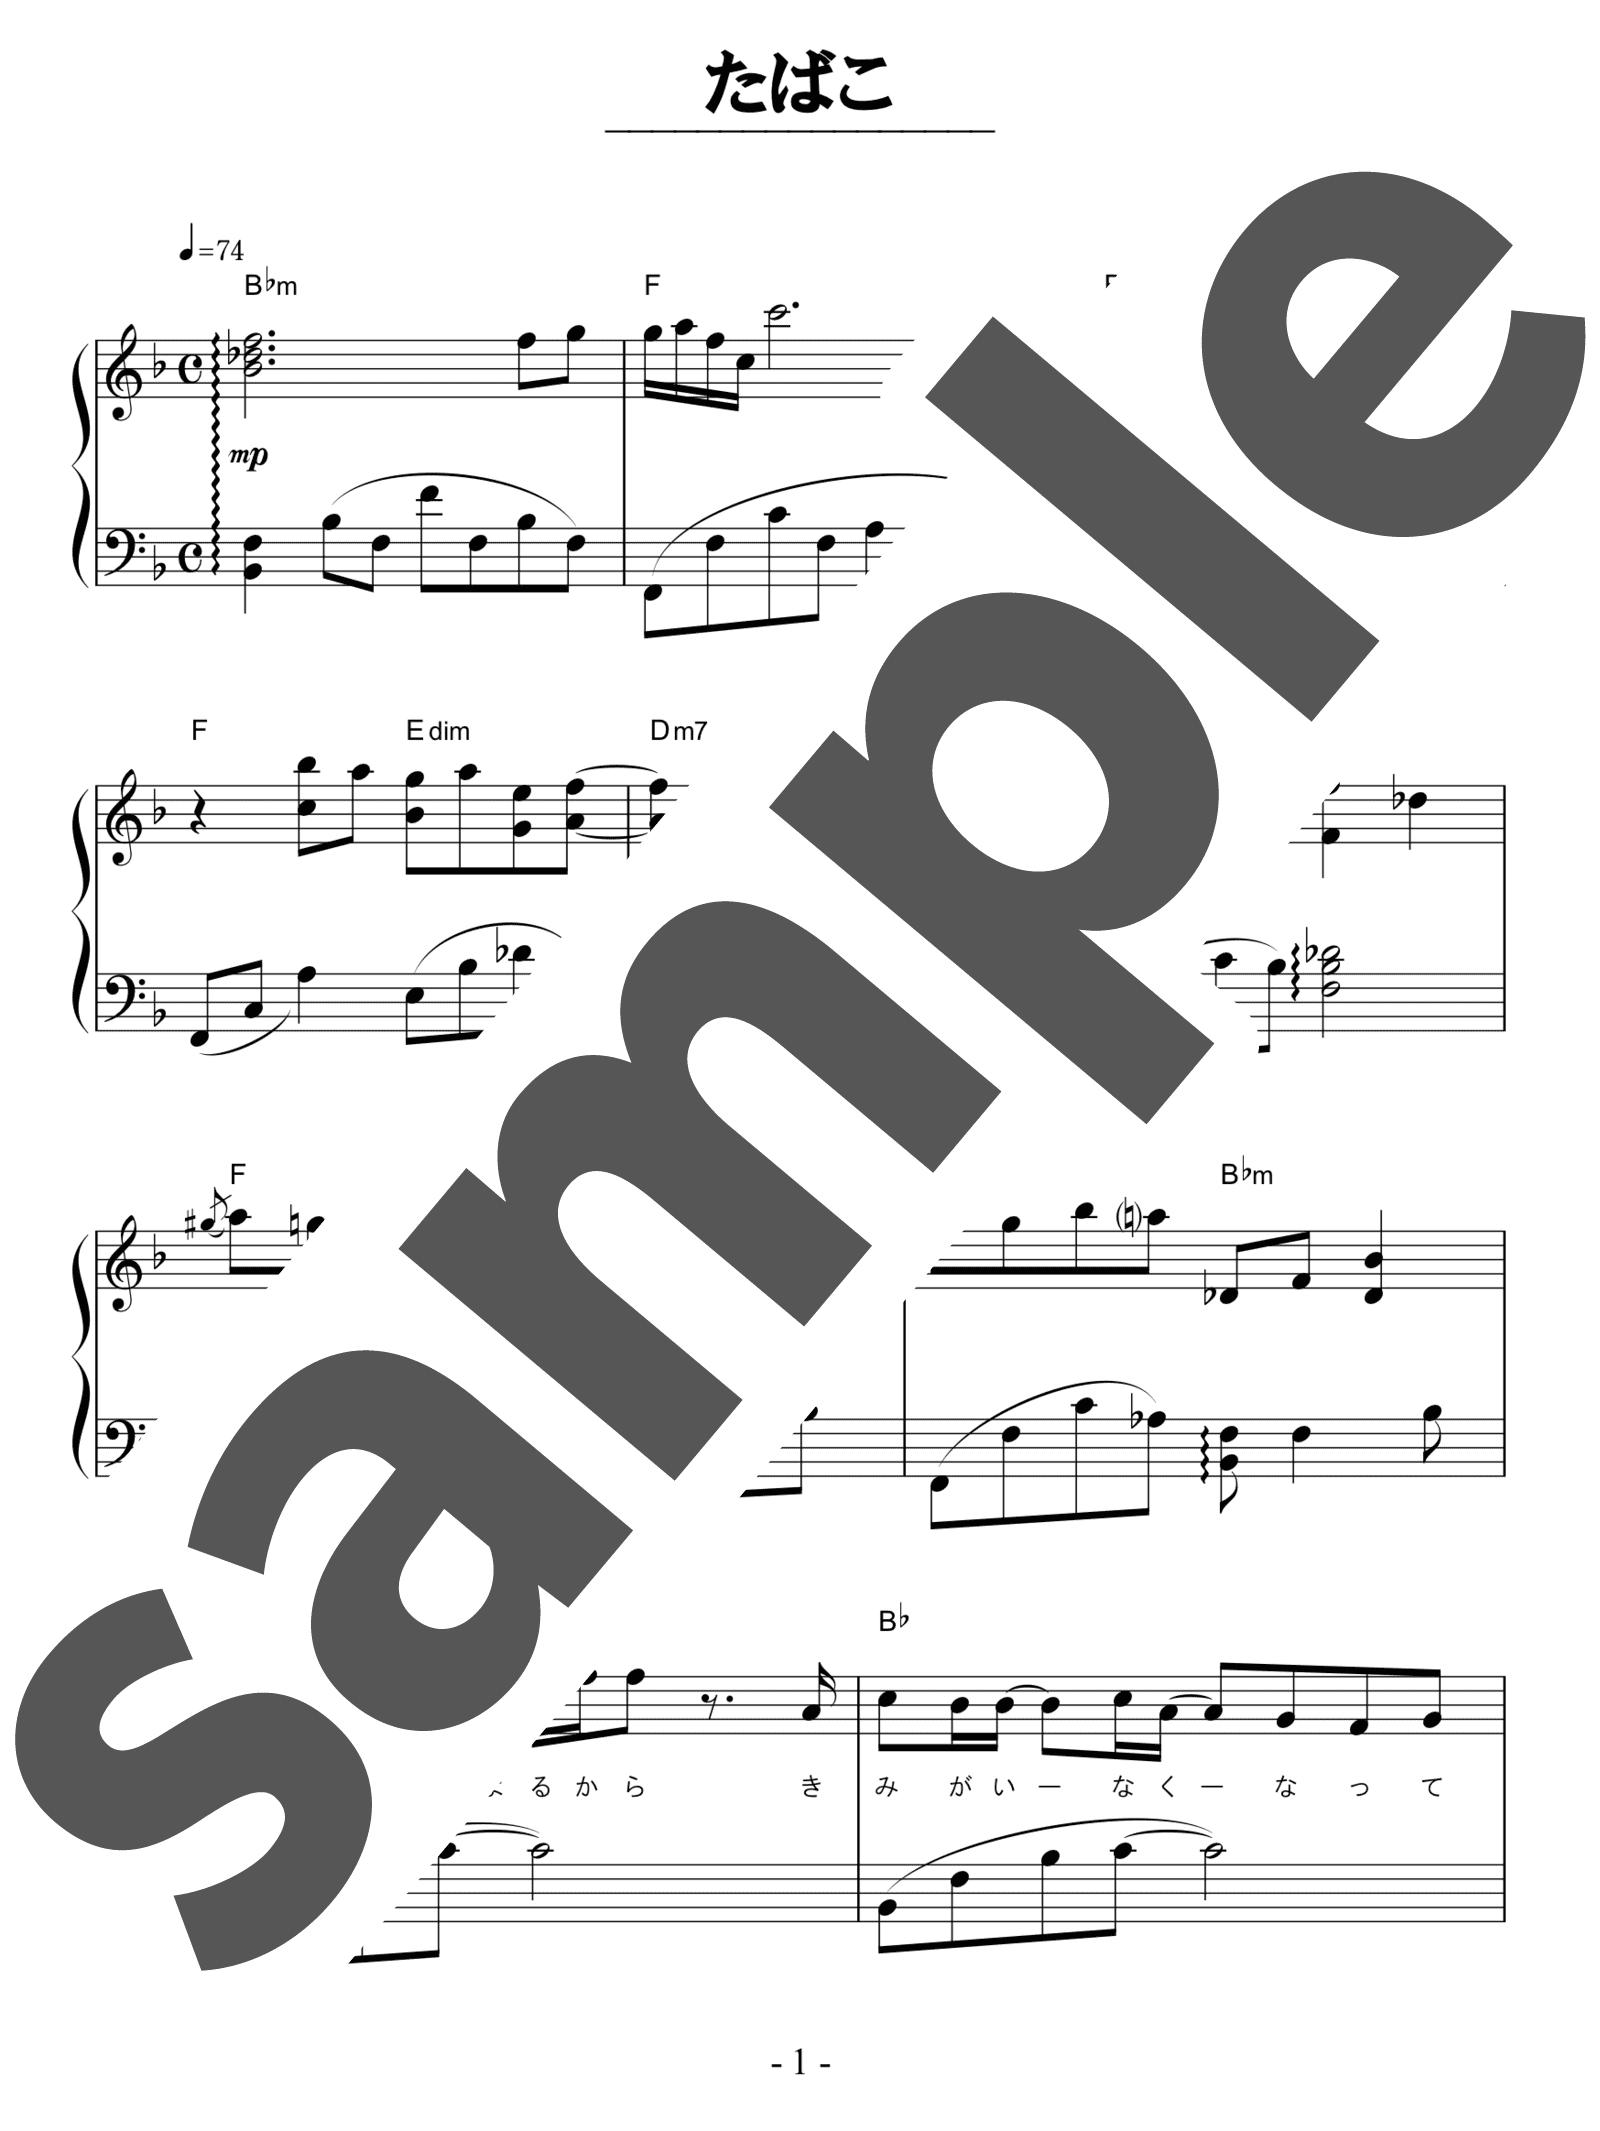 「たばこ」のサンプル楽譜